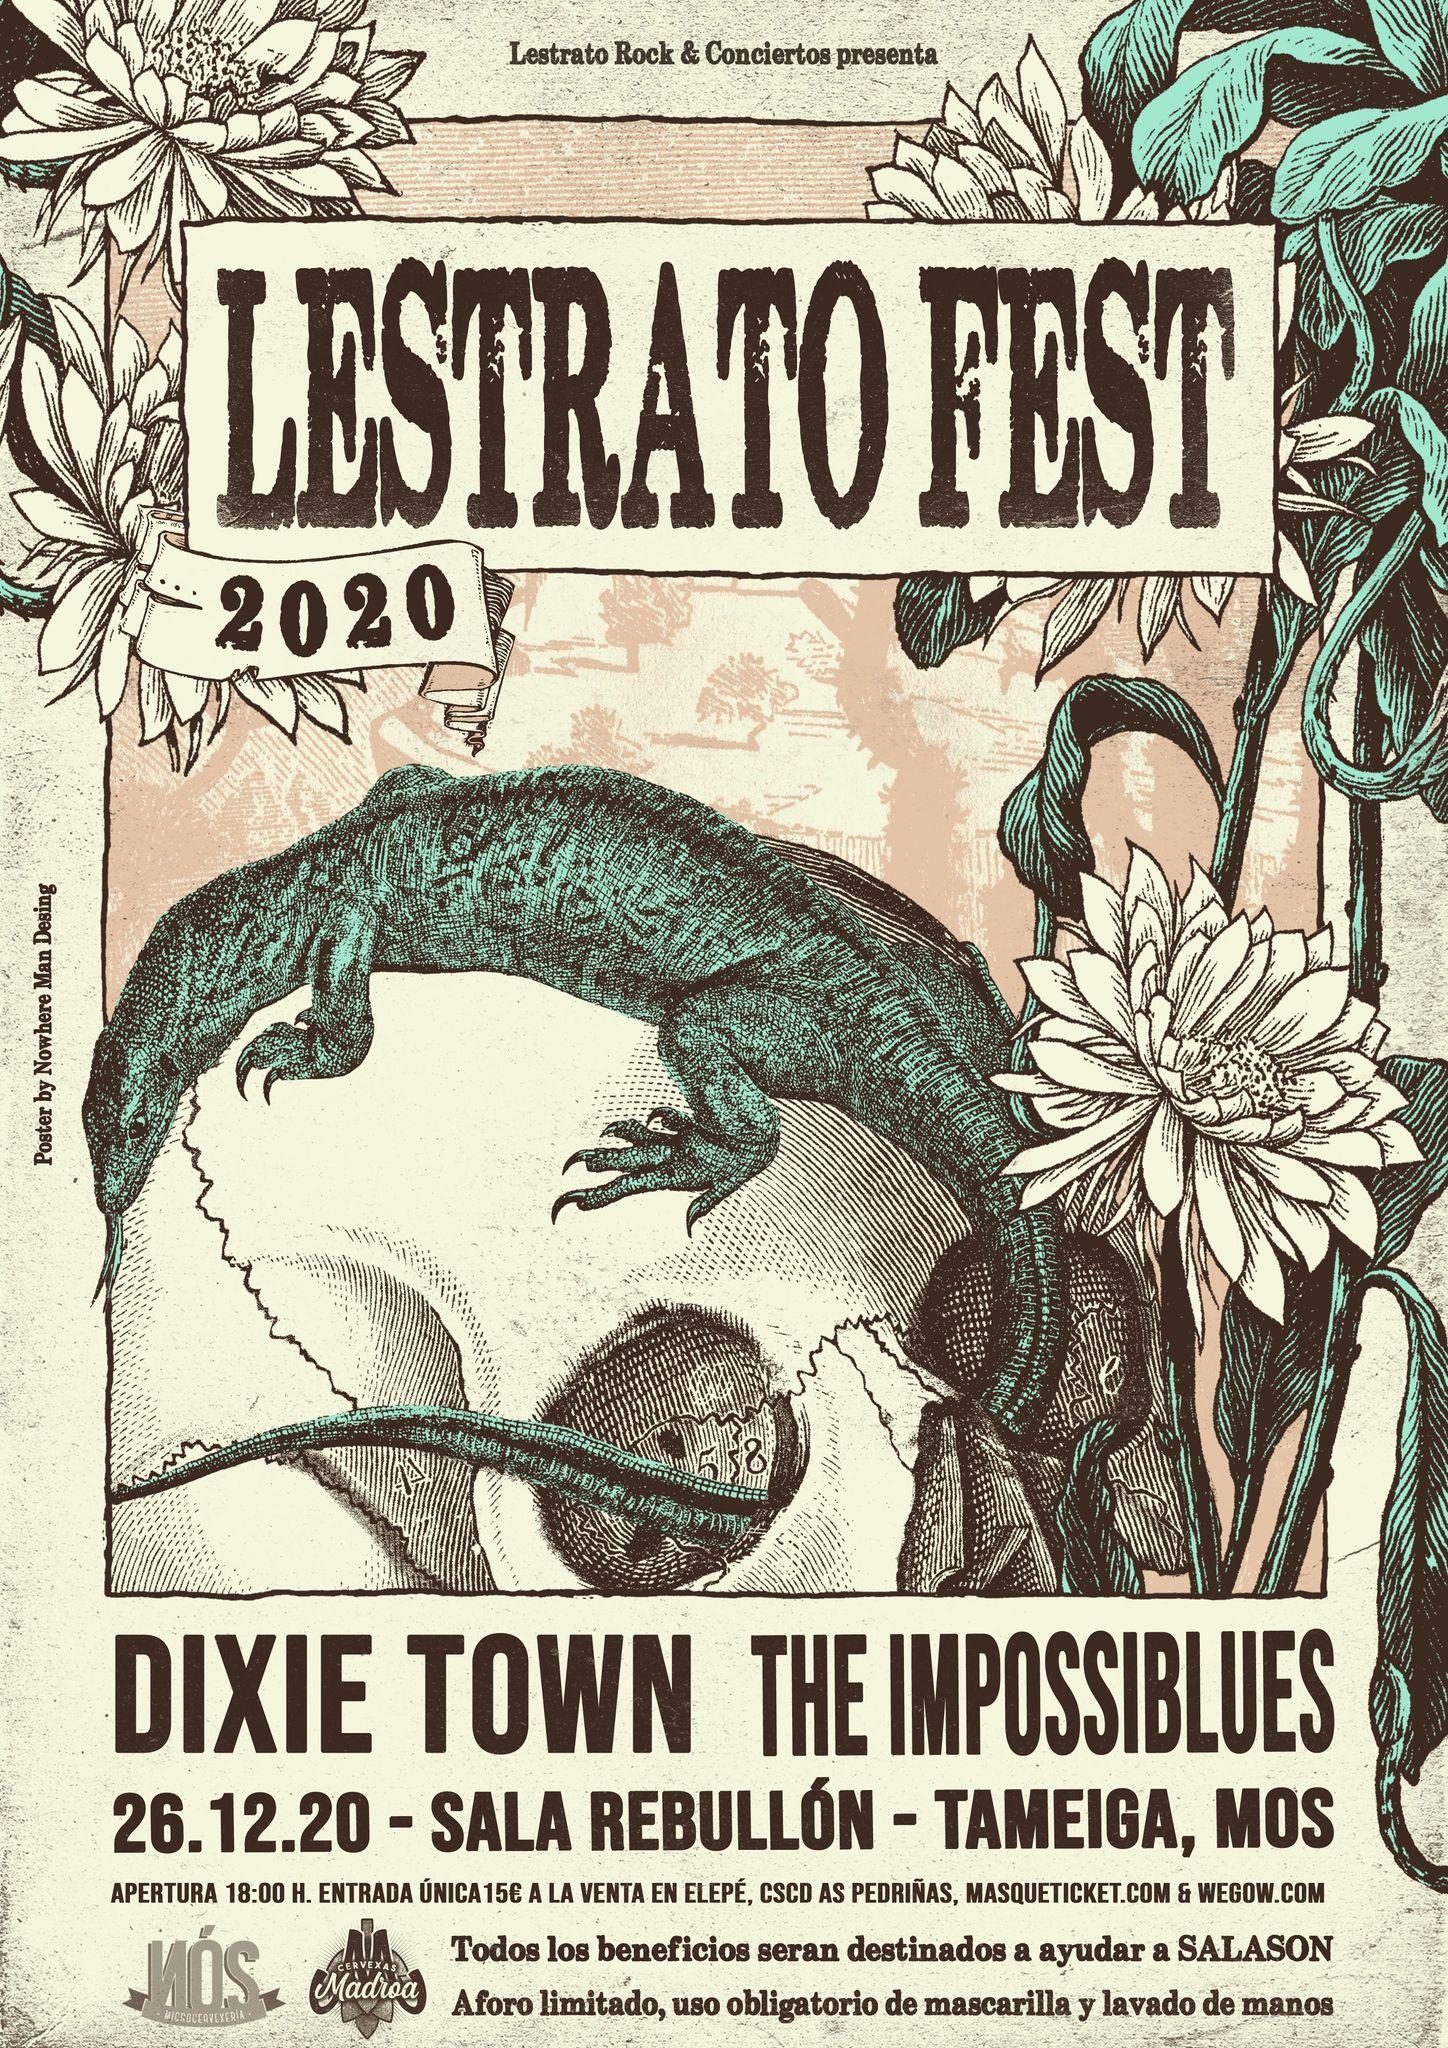 Lestrato Fest 2020